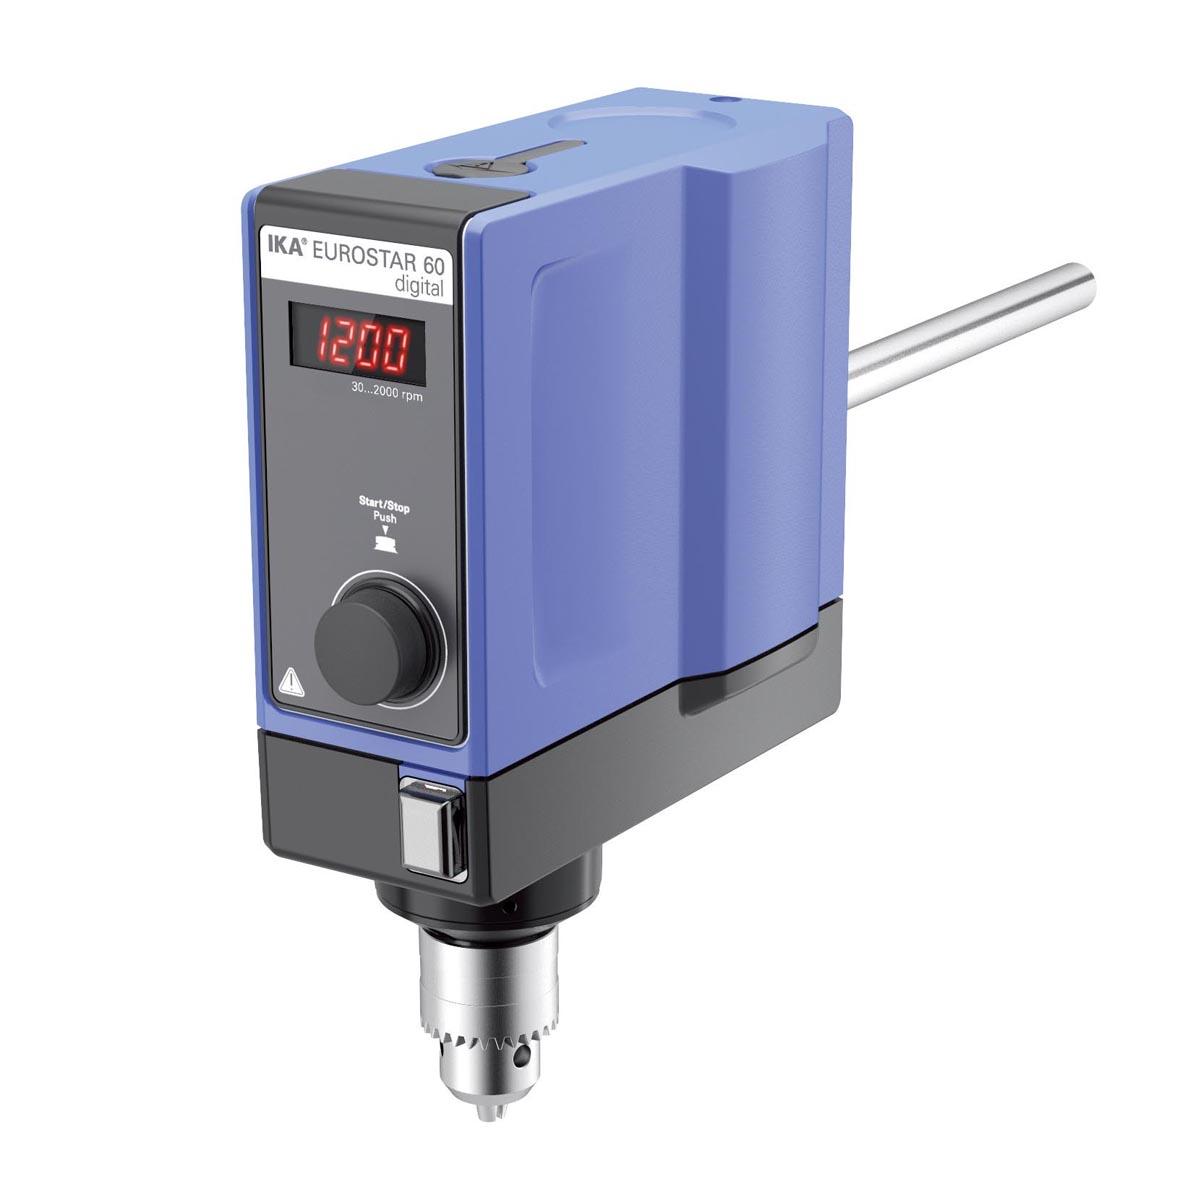 イカジャパン デジタル式撹拌器 Eurostar60デジタル